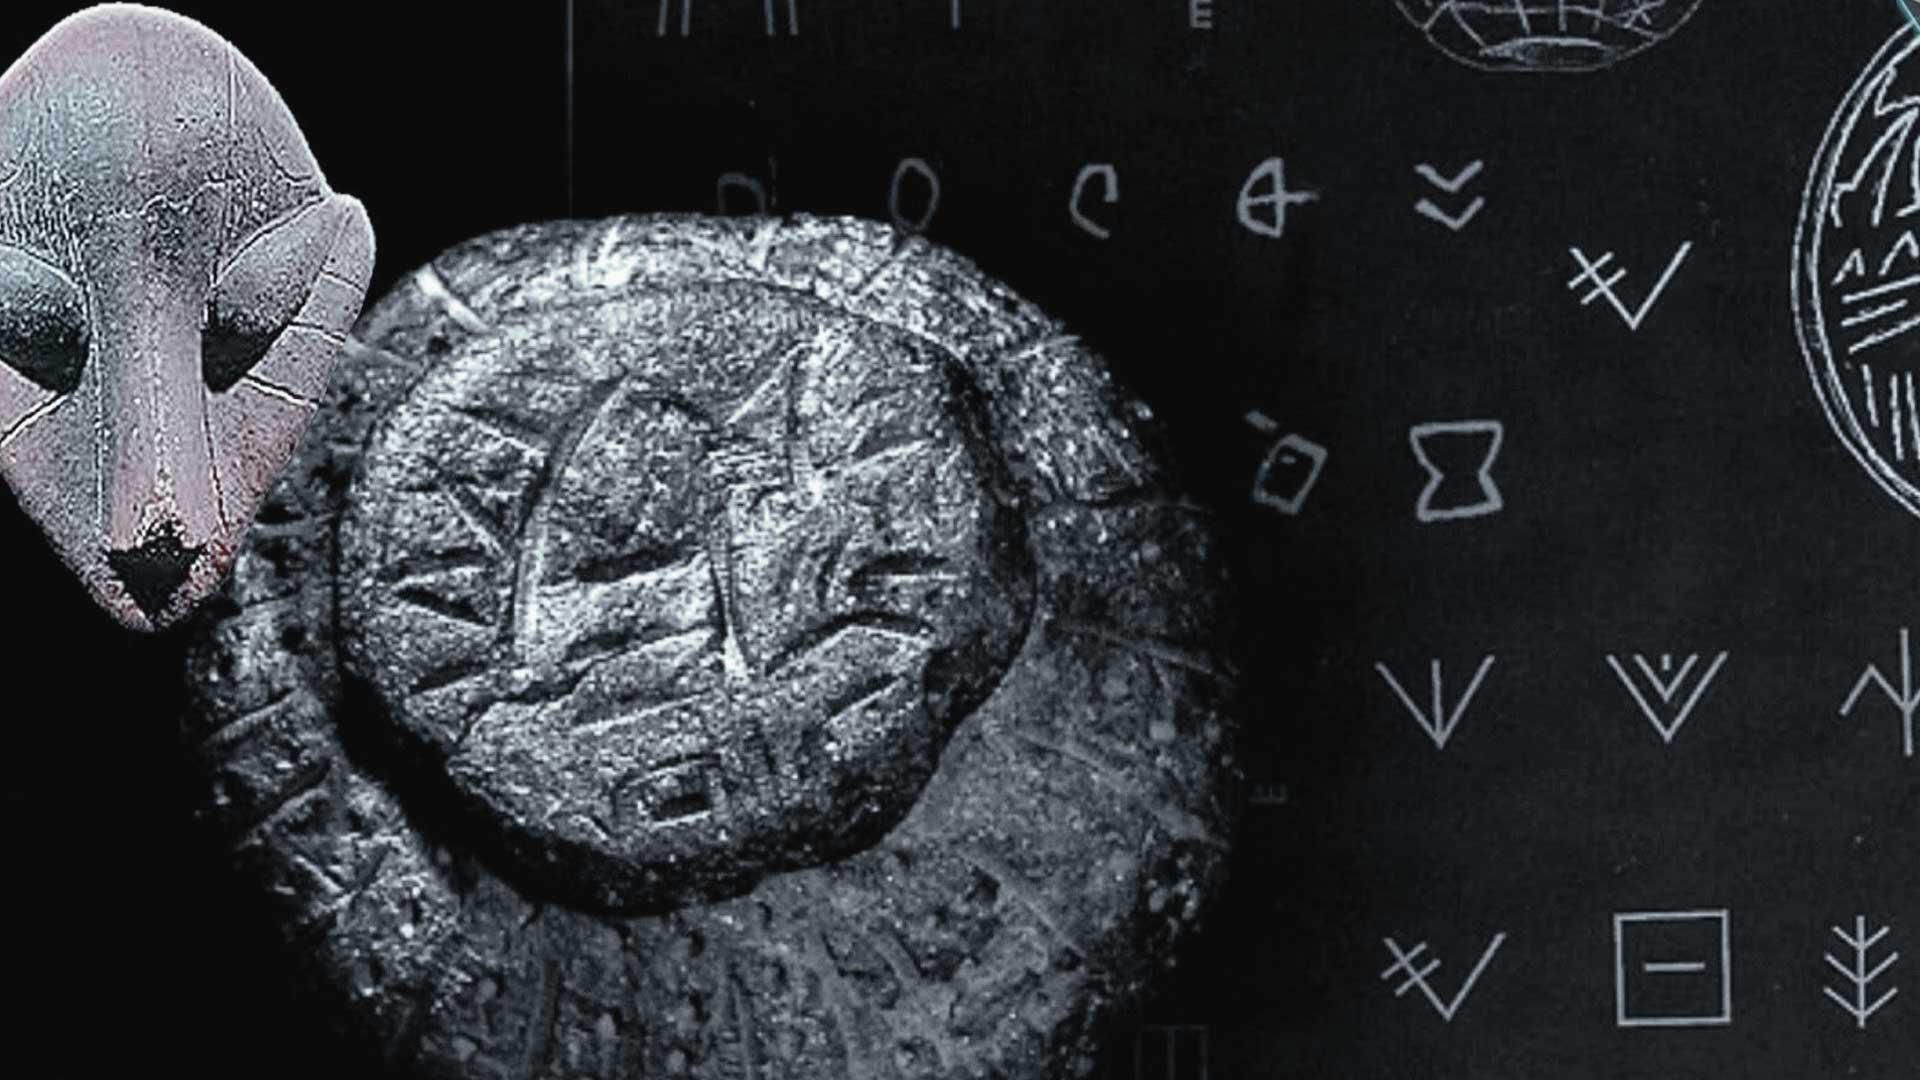 Encuentran el sistema de escritura más antiguo del mundo. Aún más antiguo que el sumerio